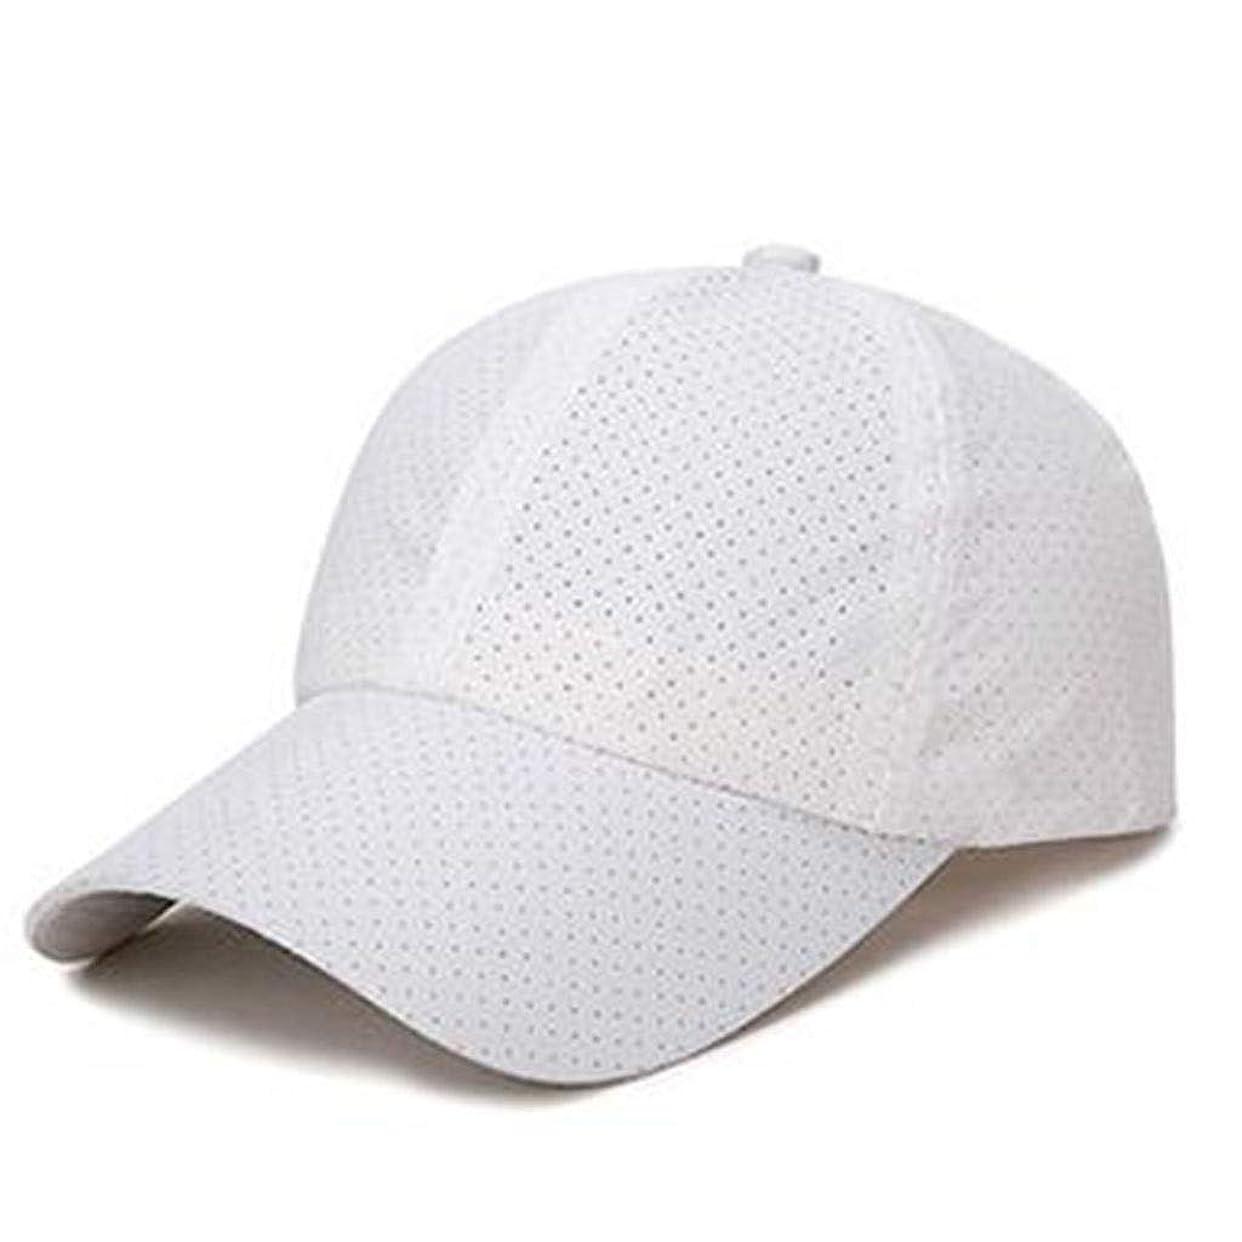 外向きグラディスビュッフェ帽子の男性の春と夏のアウトドアレジャーサンハットレディースシンプル速乾性通気性メッシュキャップ